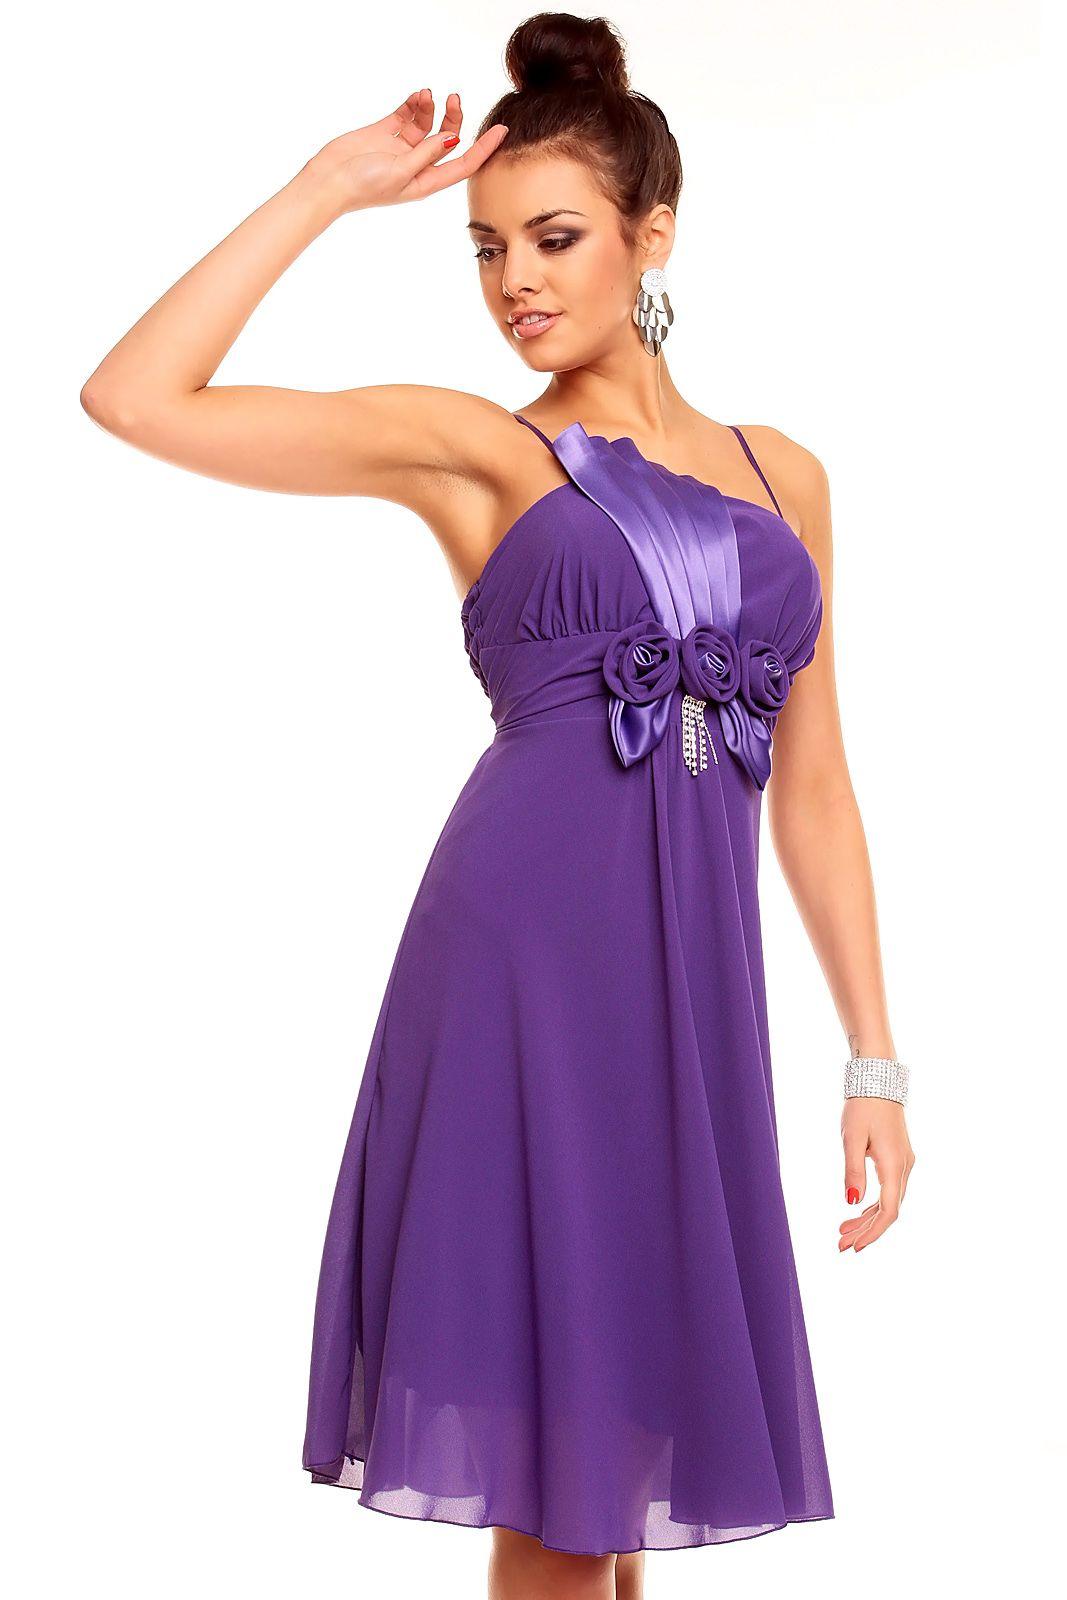 obleke poročnih prič - Iskanje Google | lilac obleka za pričo ...